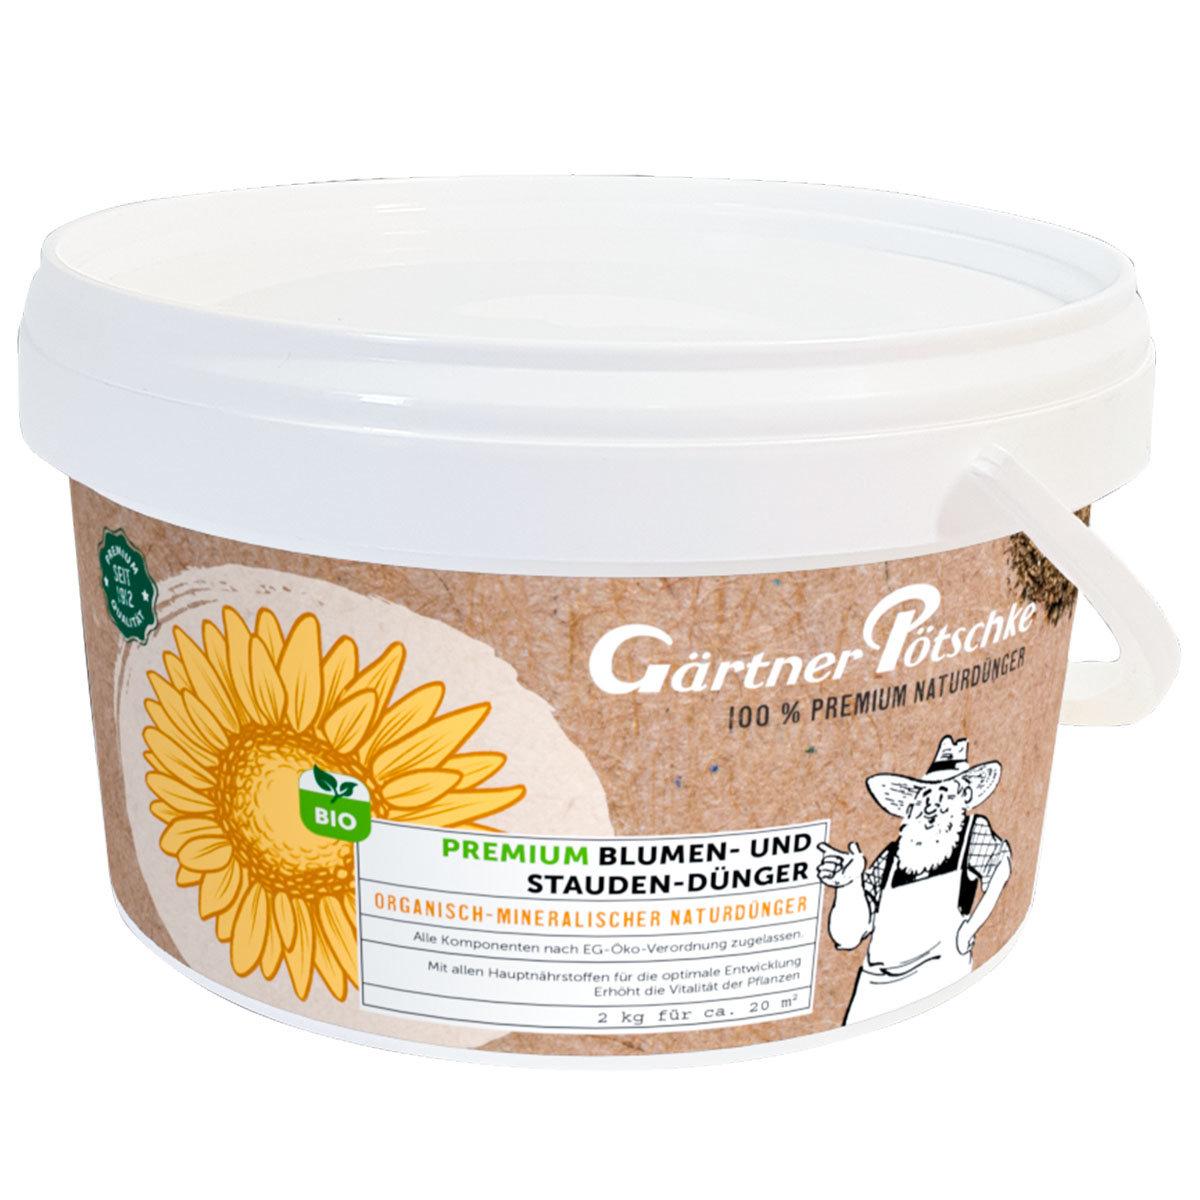 Premium Blumen- und Stauden-Dünger, 2 kg